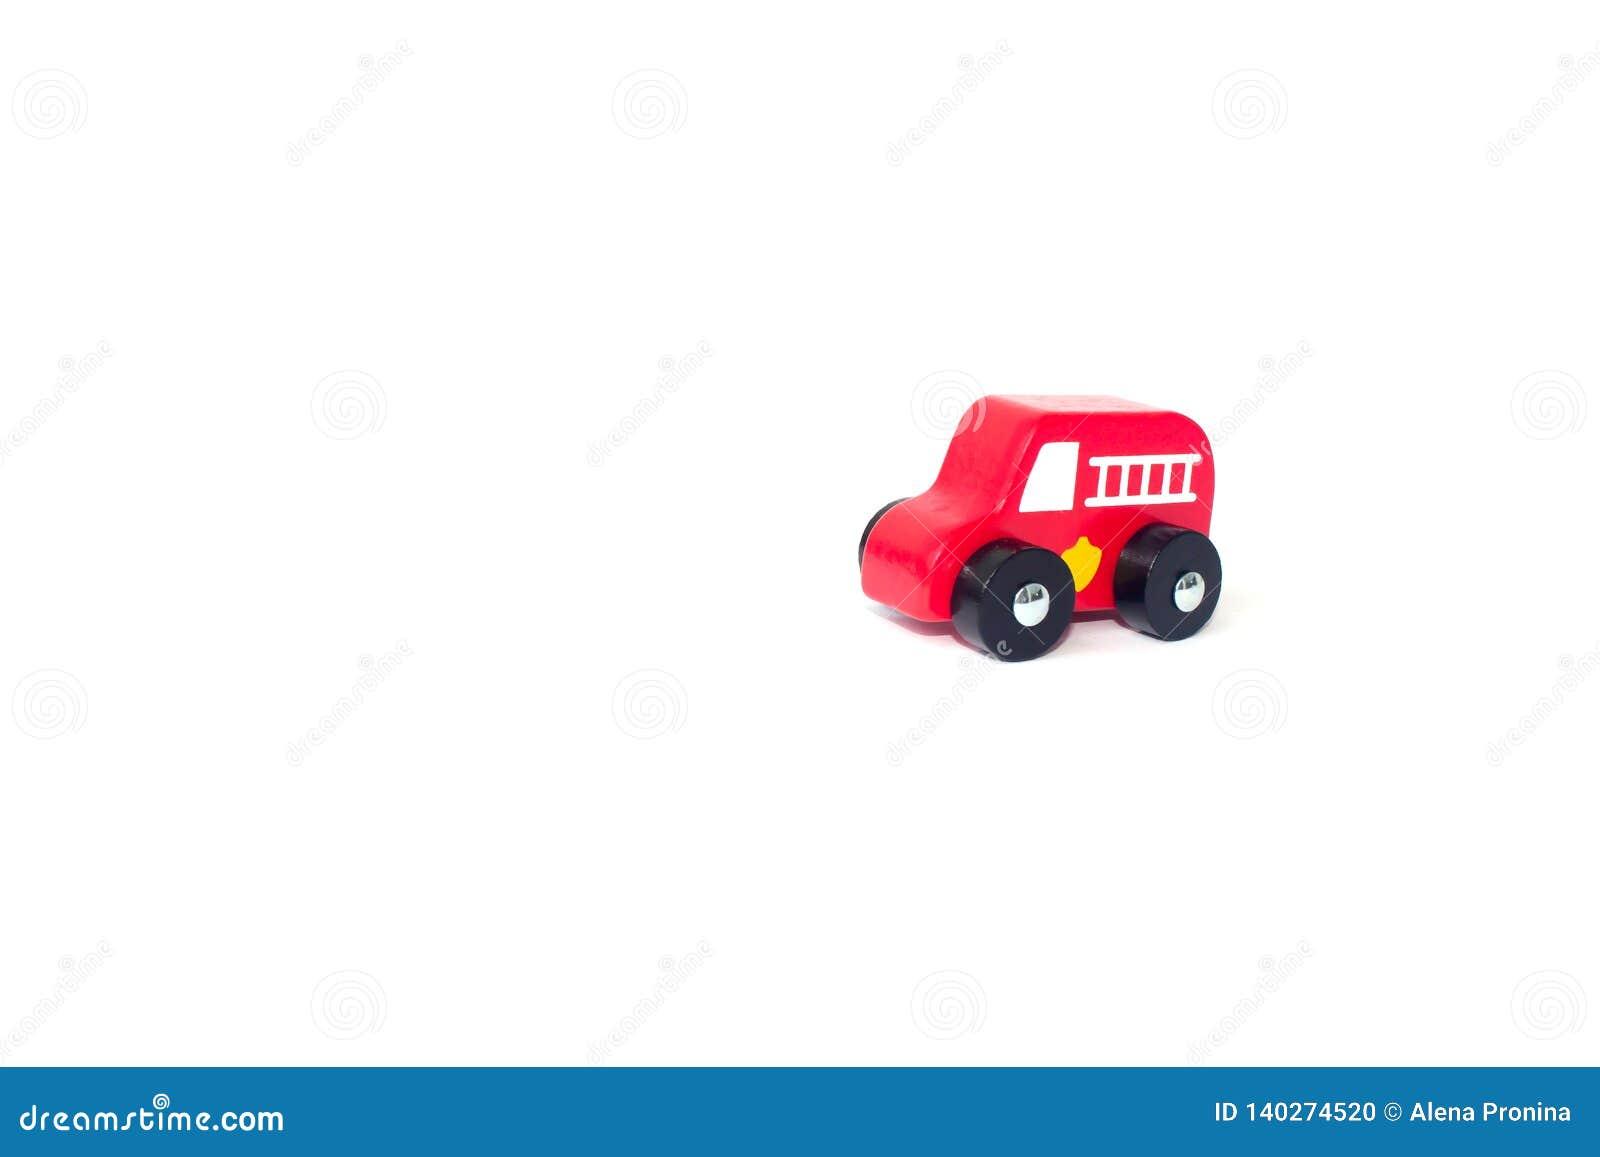 Κόκκινο παιχνίδι πυροσβεστικών αντλιών που απομονώνεται πέρα από ένα άσπρο υπόβαθρο